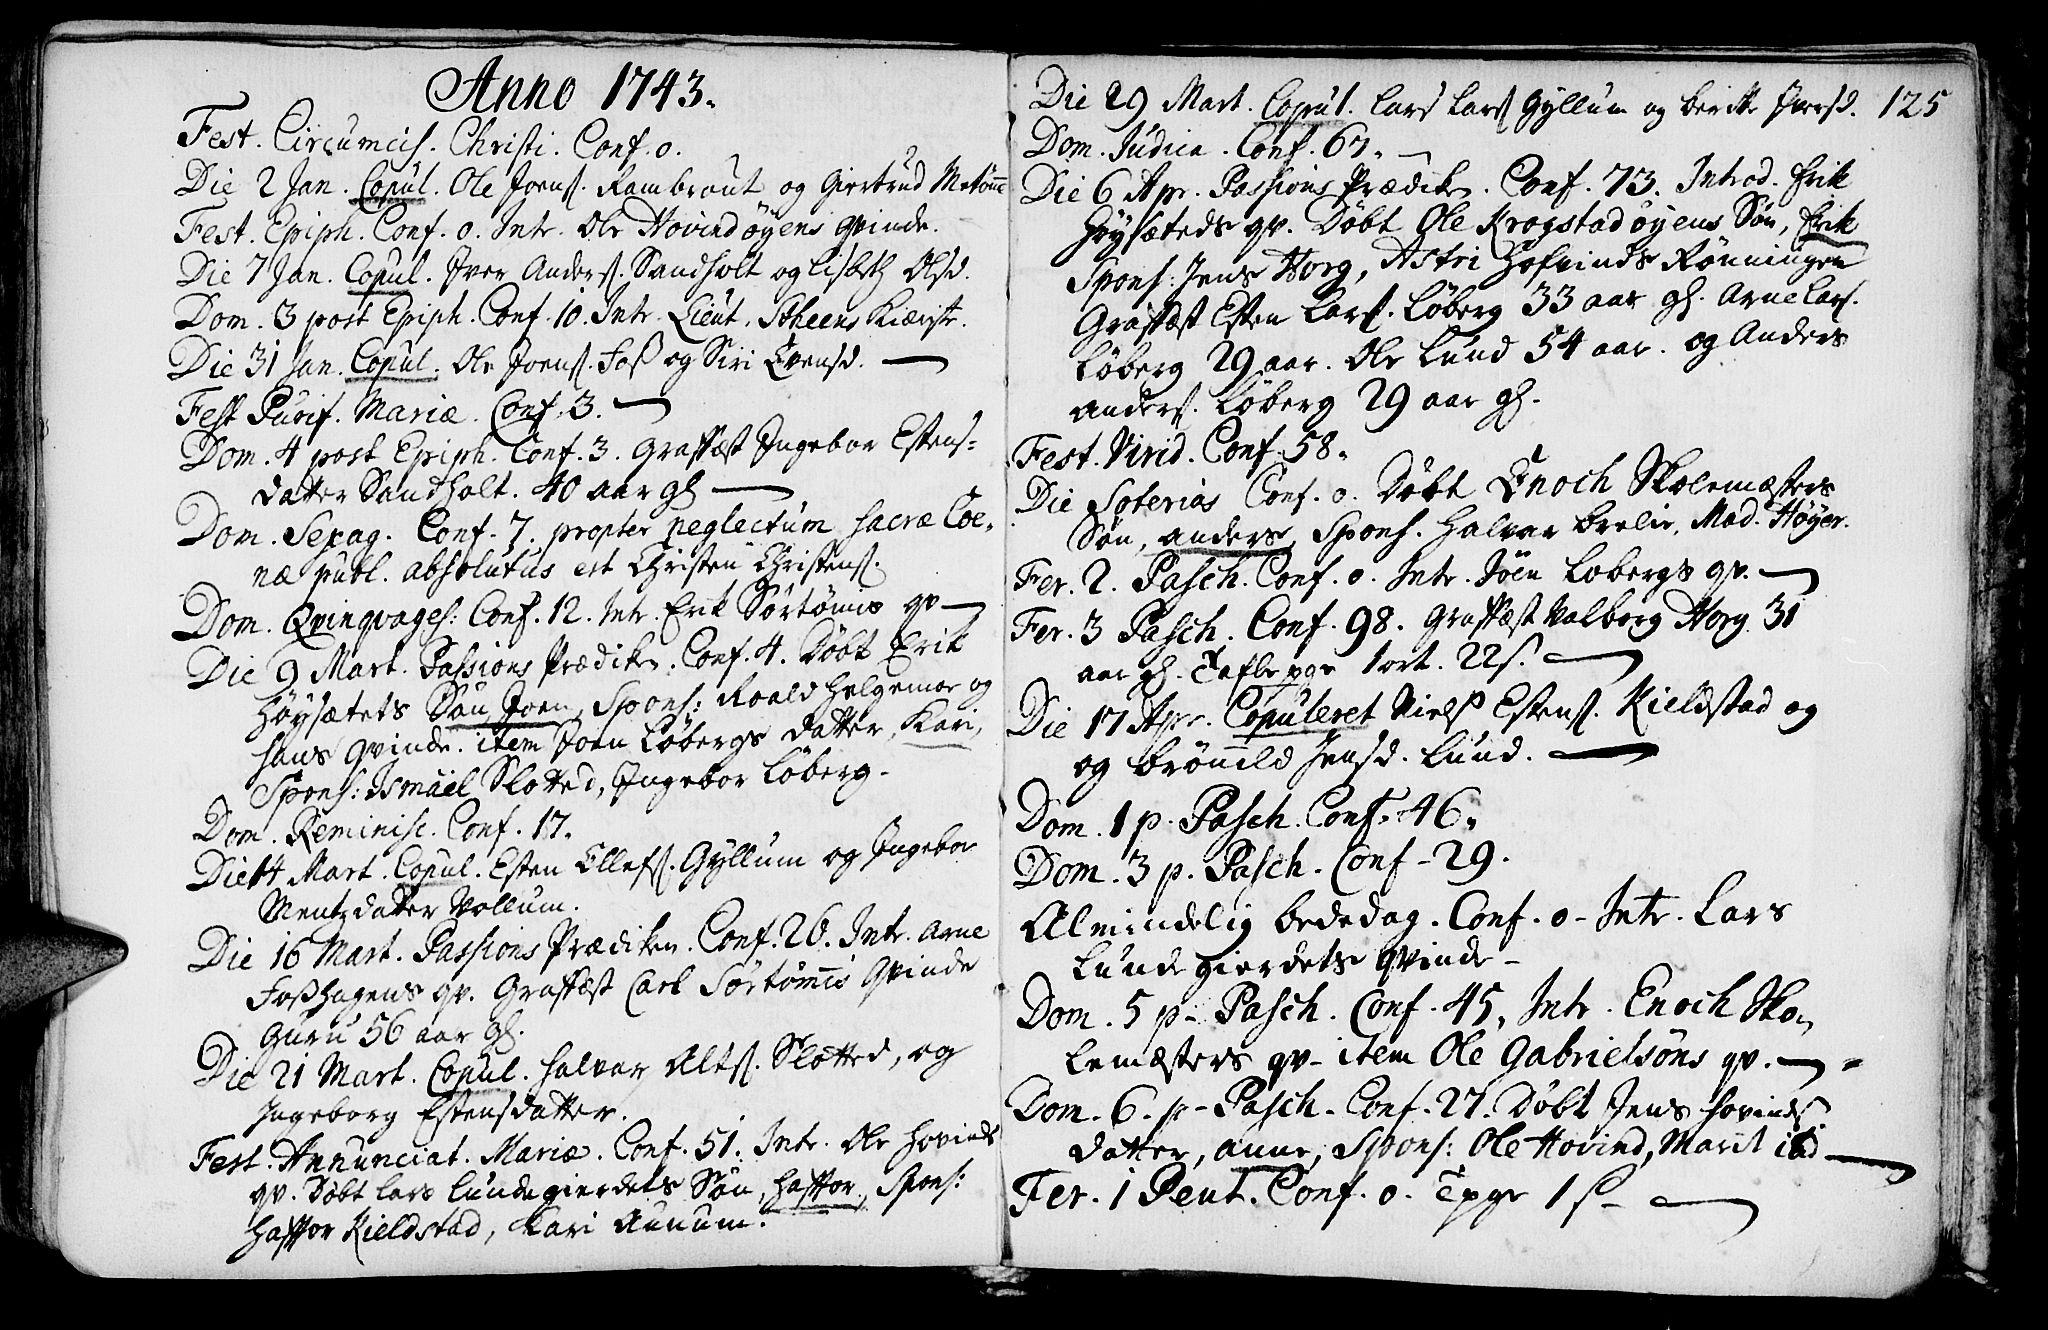 SAT, Ministerialprotokoller, klokkerbøker og fødselsregistre - Sør-Trøndelag, 692/L1101: Ministerialbok nr. 692A01, 1690-1746, s. 125